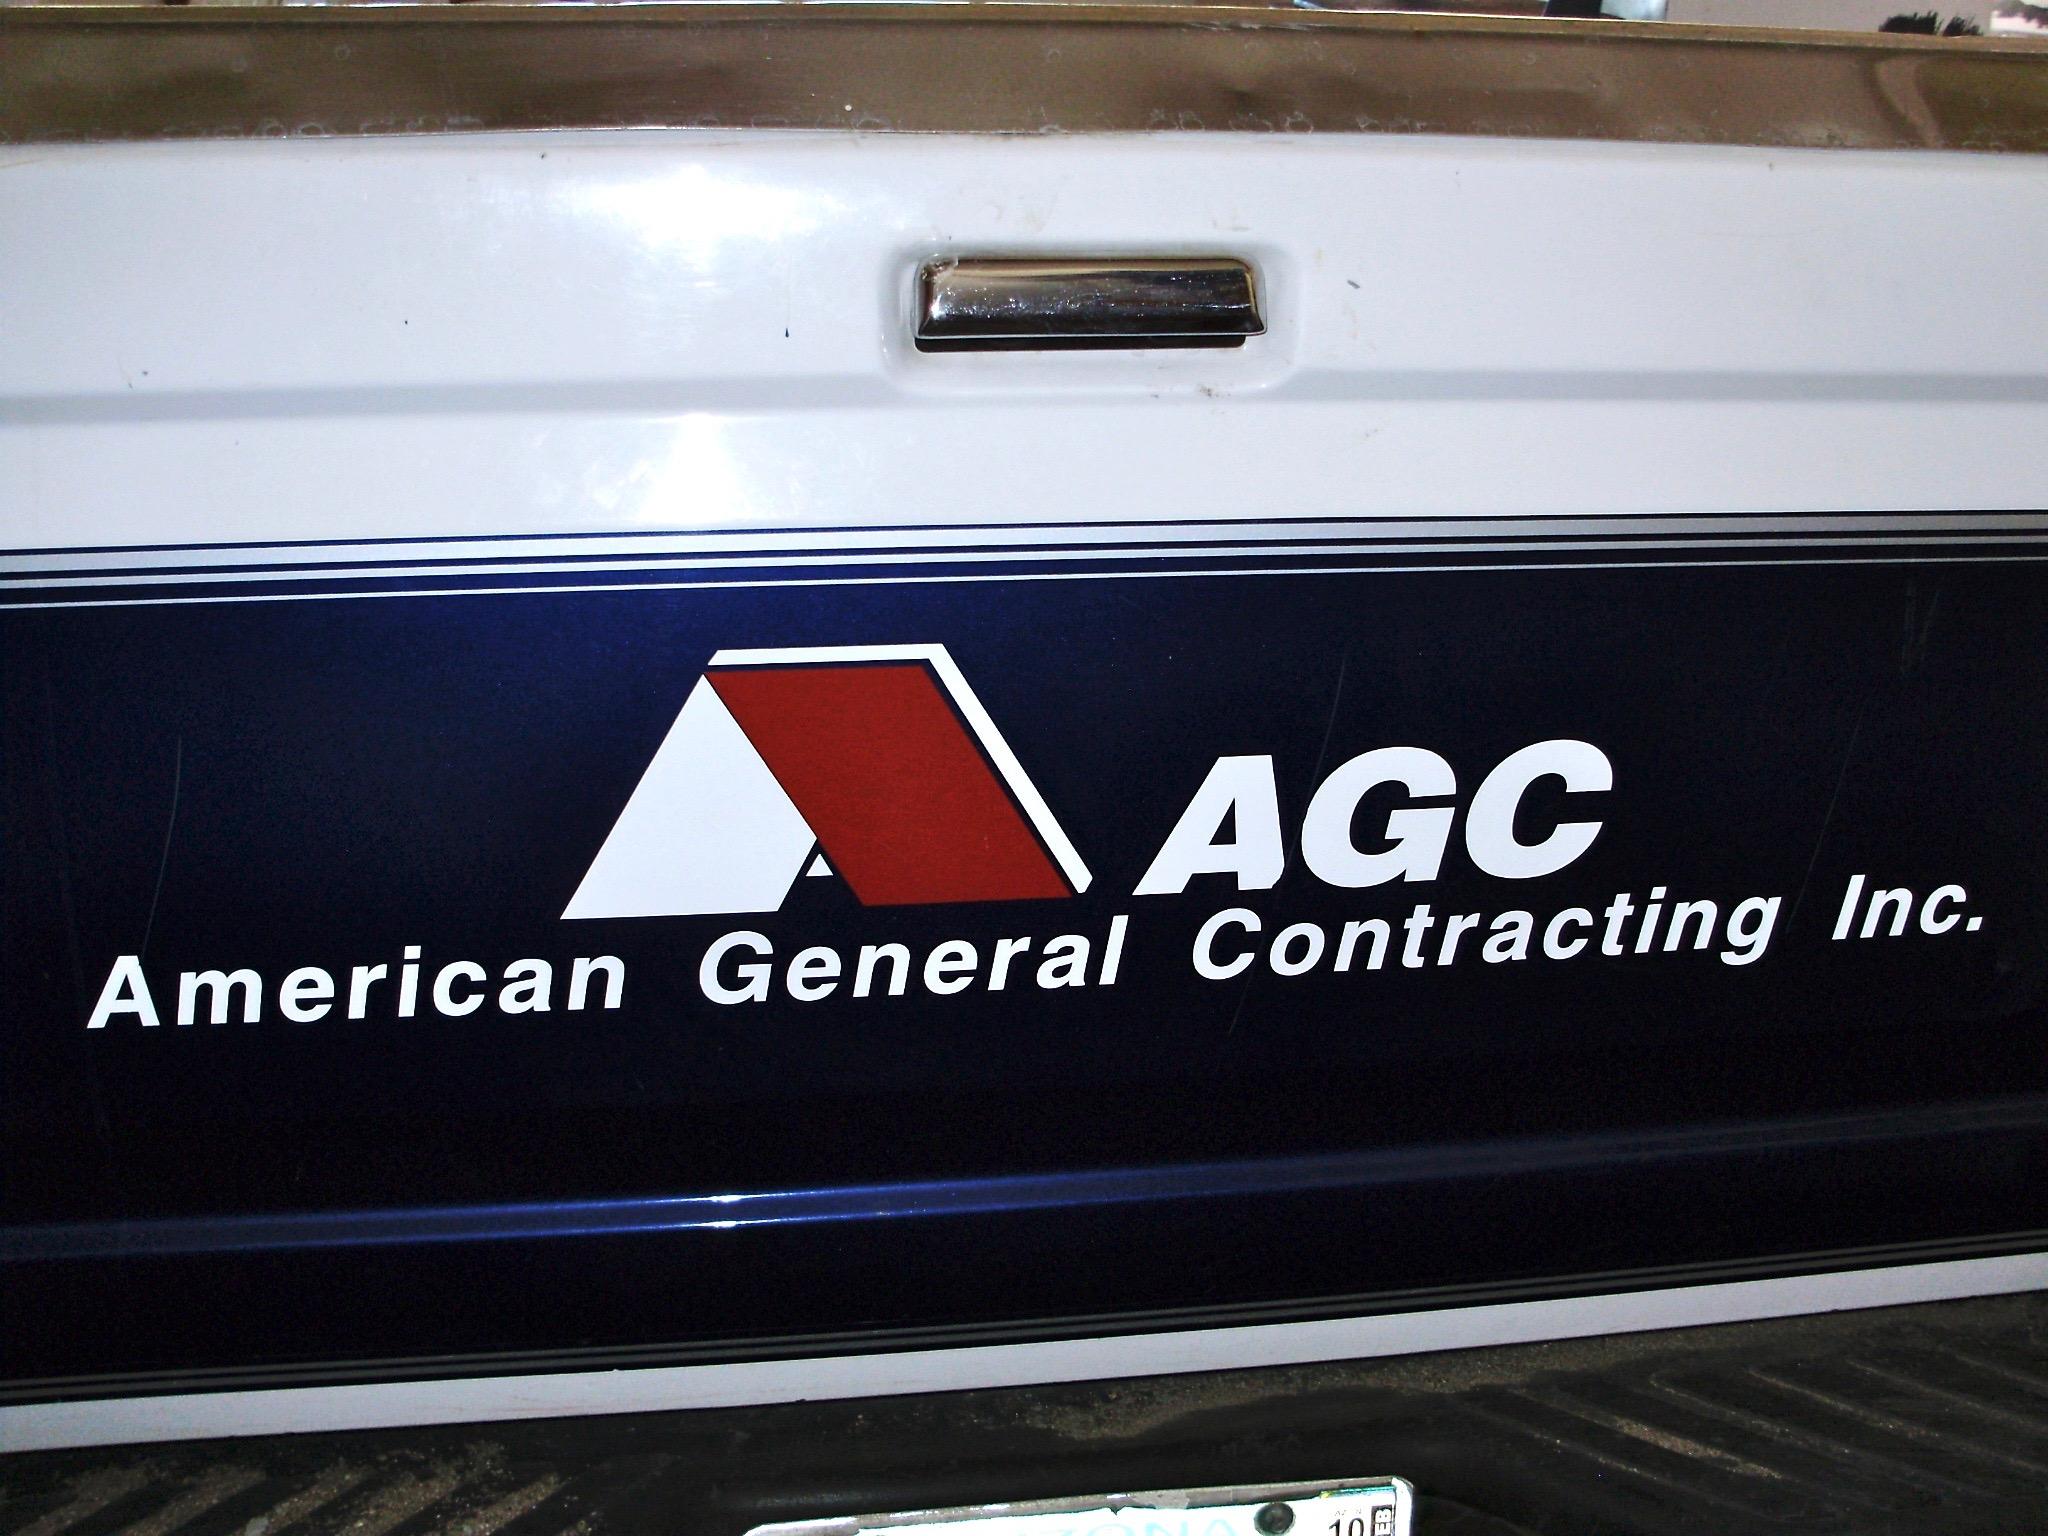 AGC Custom Vehicle Logo